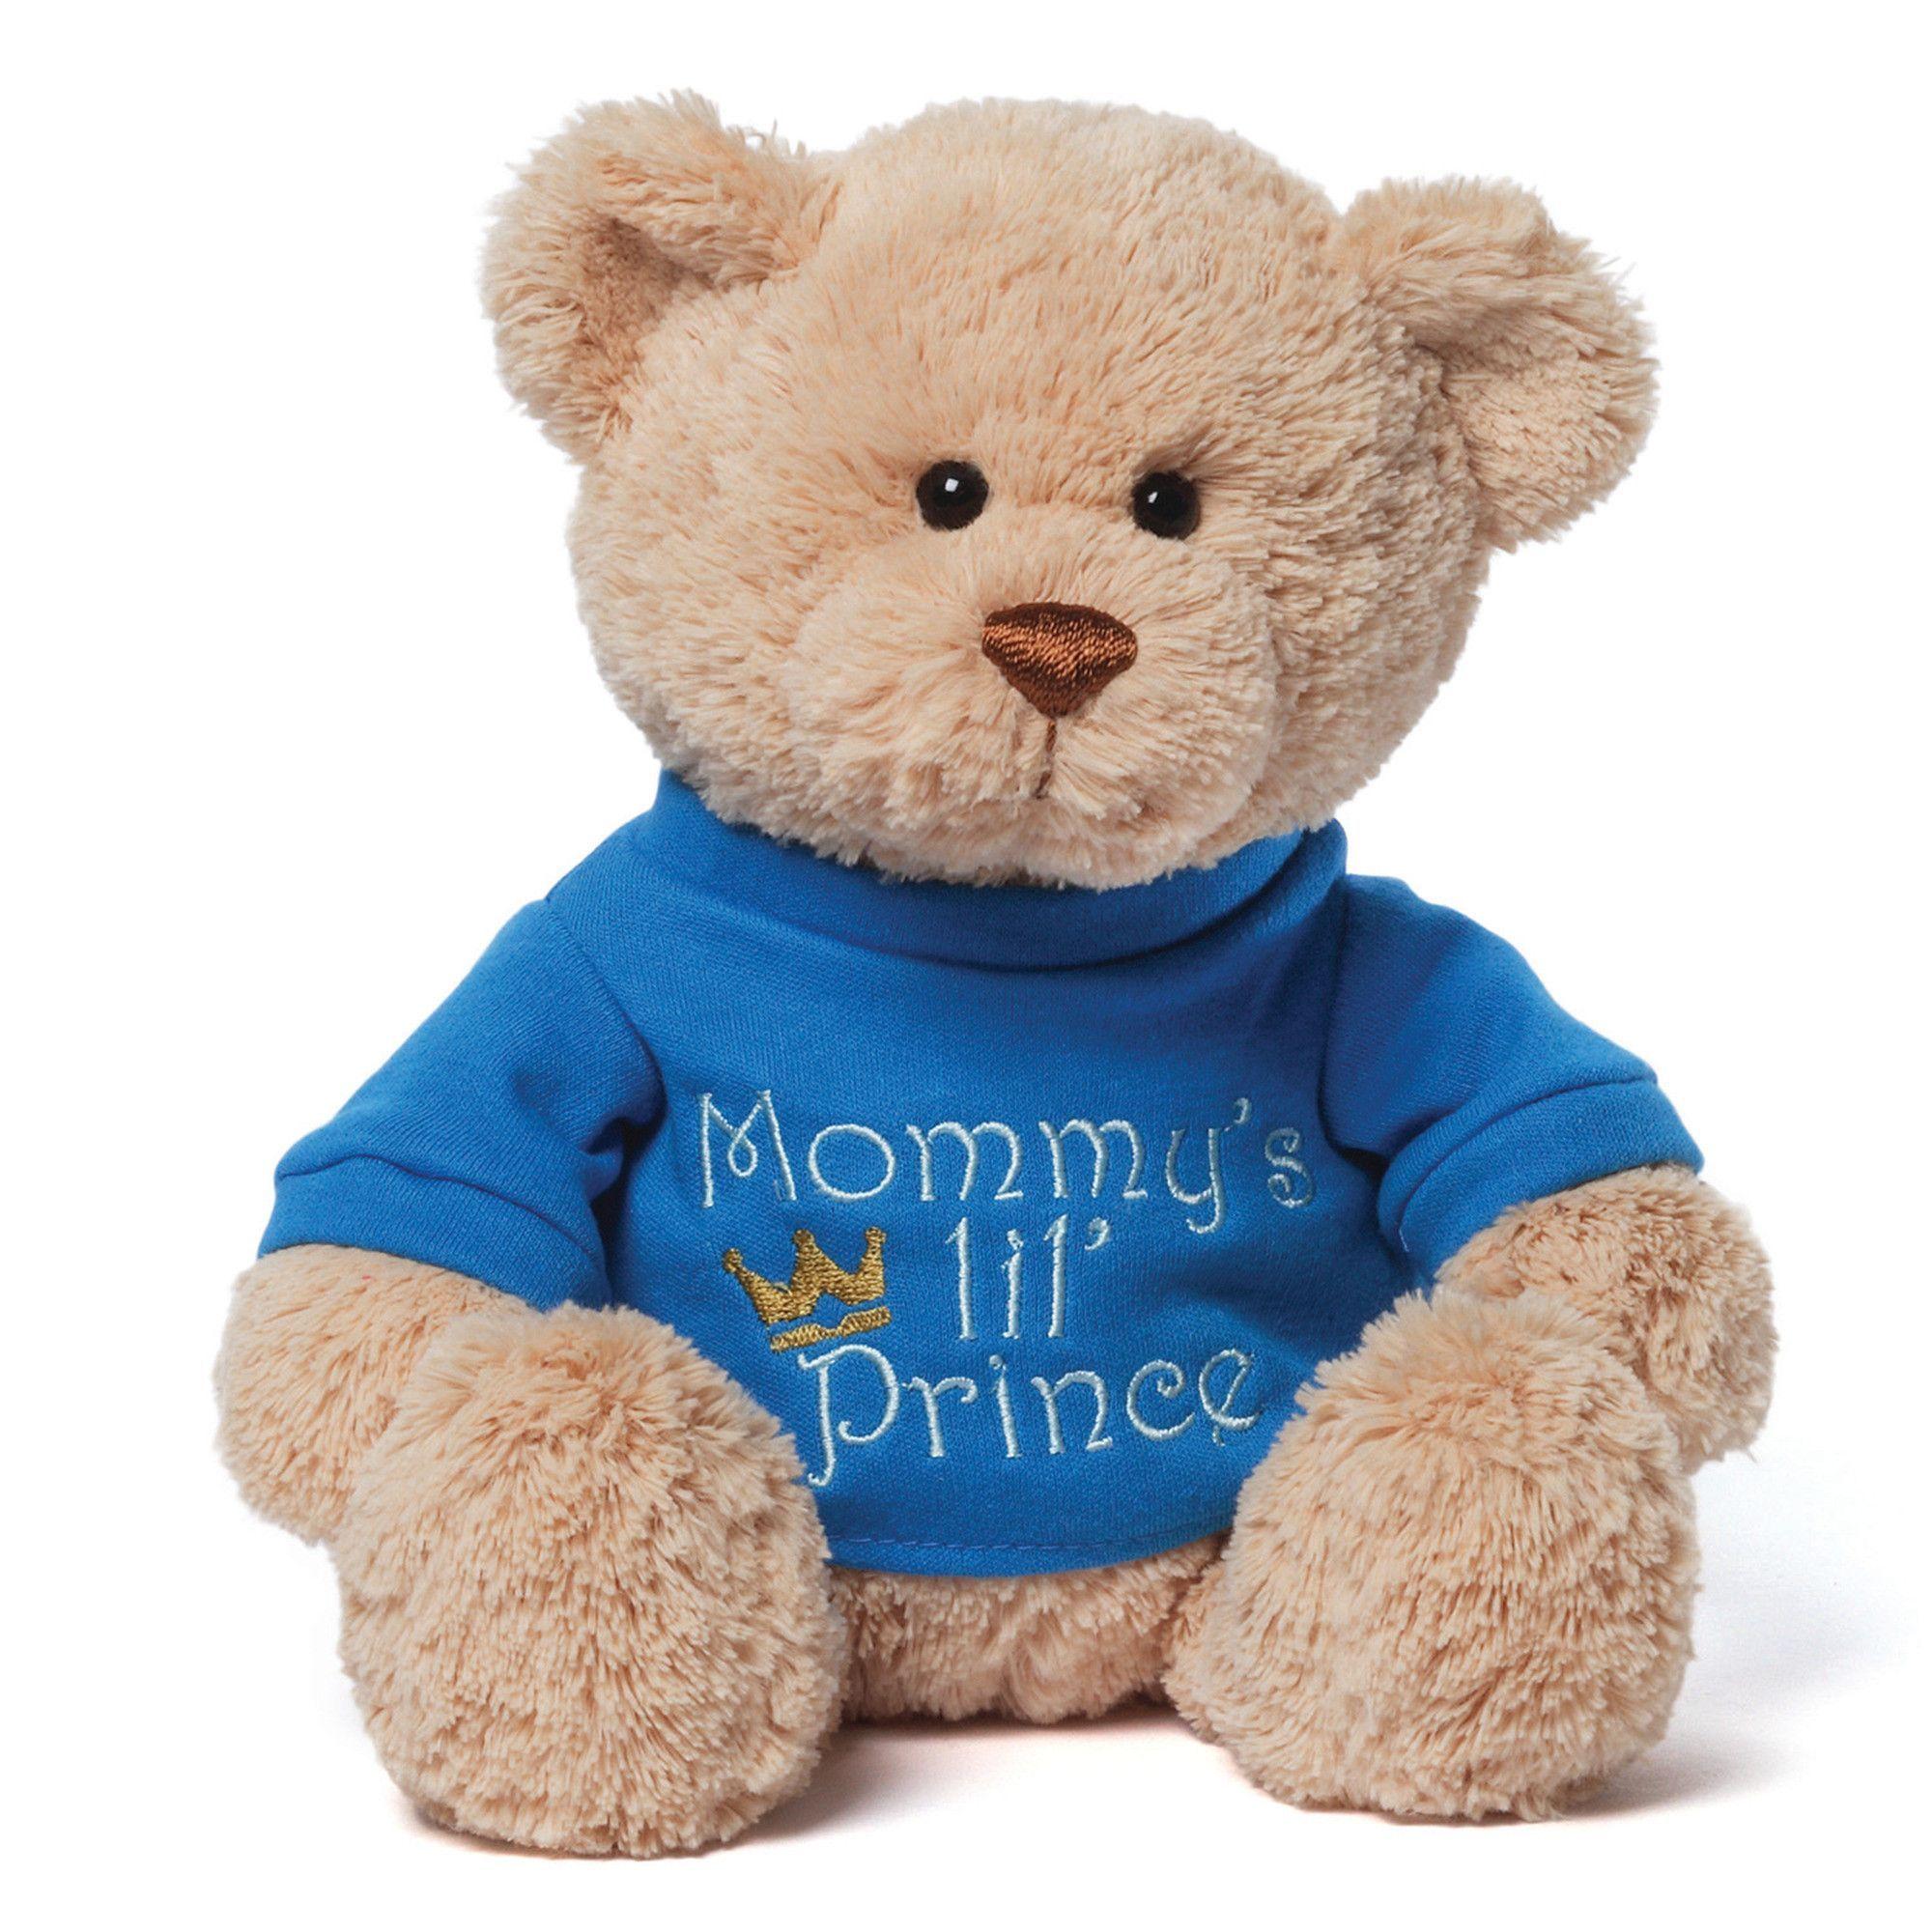 Mommy S Little Prince T Shirt Teddy Bear Stuffed Animal Plush Teddy Bear Stuffed Animal Bear Stuffed Animal Teddy Bear [ 2000 x 2000 Pixel ]